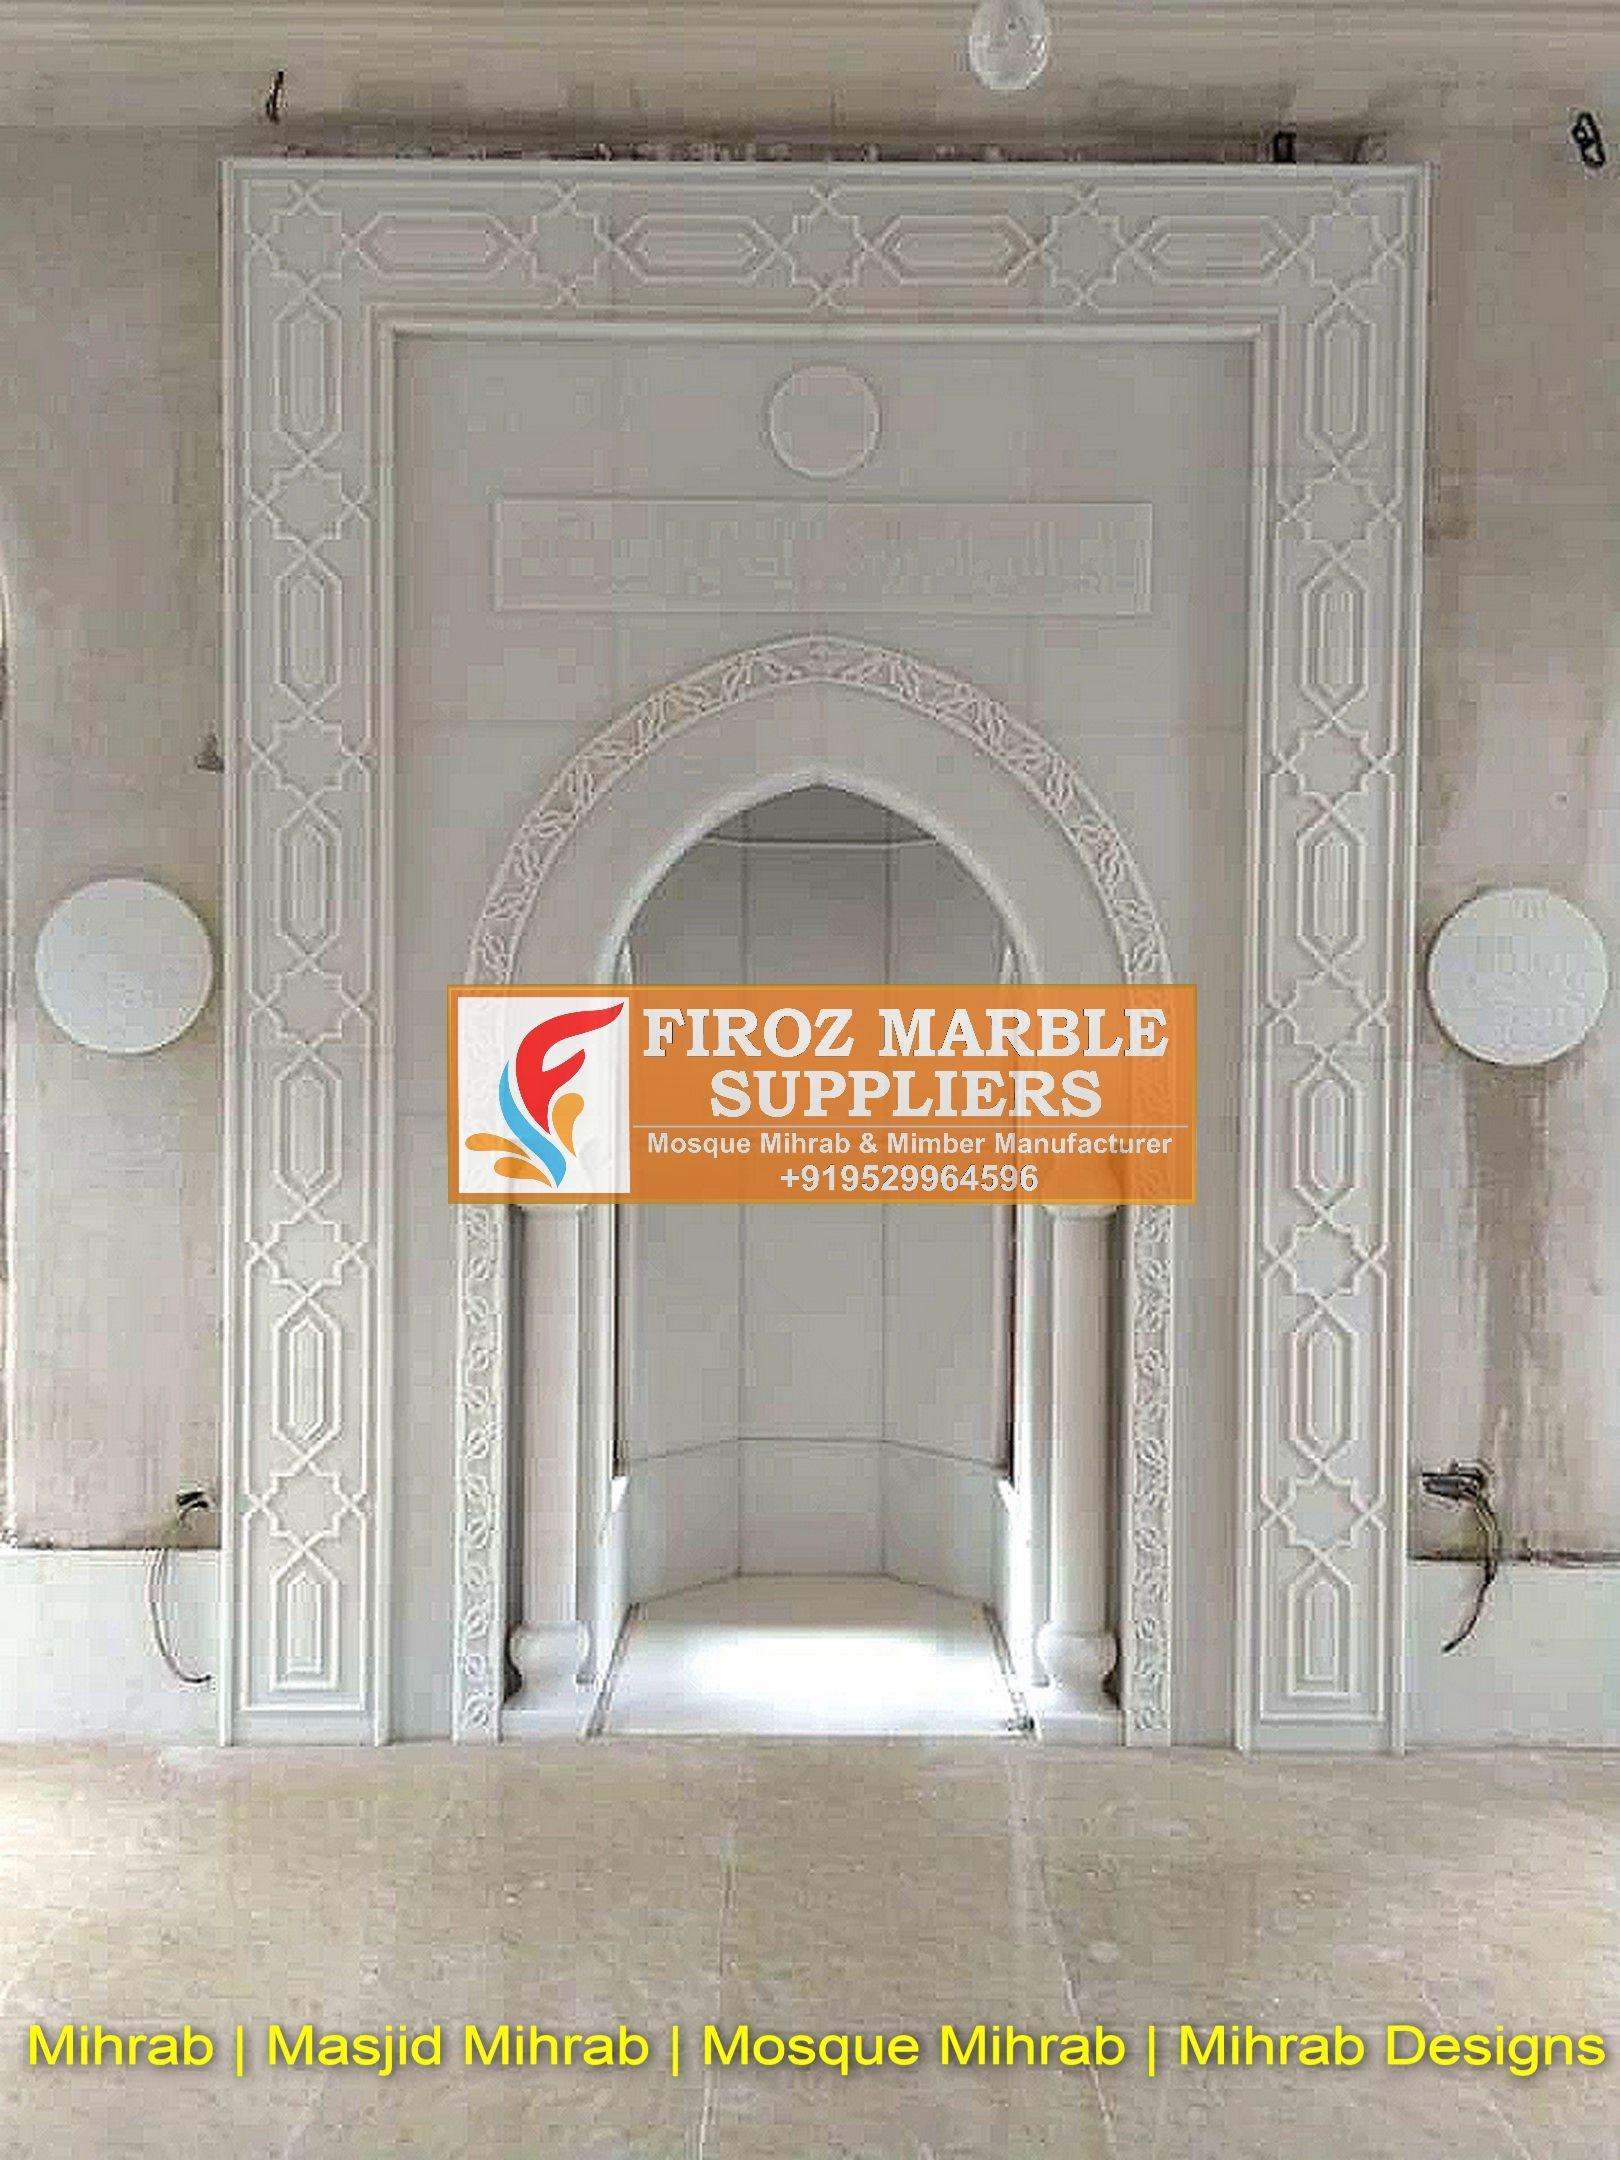 Mihrab Masjid Mihrab Mosque Mihrab Masjid Mihrab Designs Mihrab Design In Marble In 2020 Mosque Interior Design Dubai Masjid